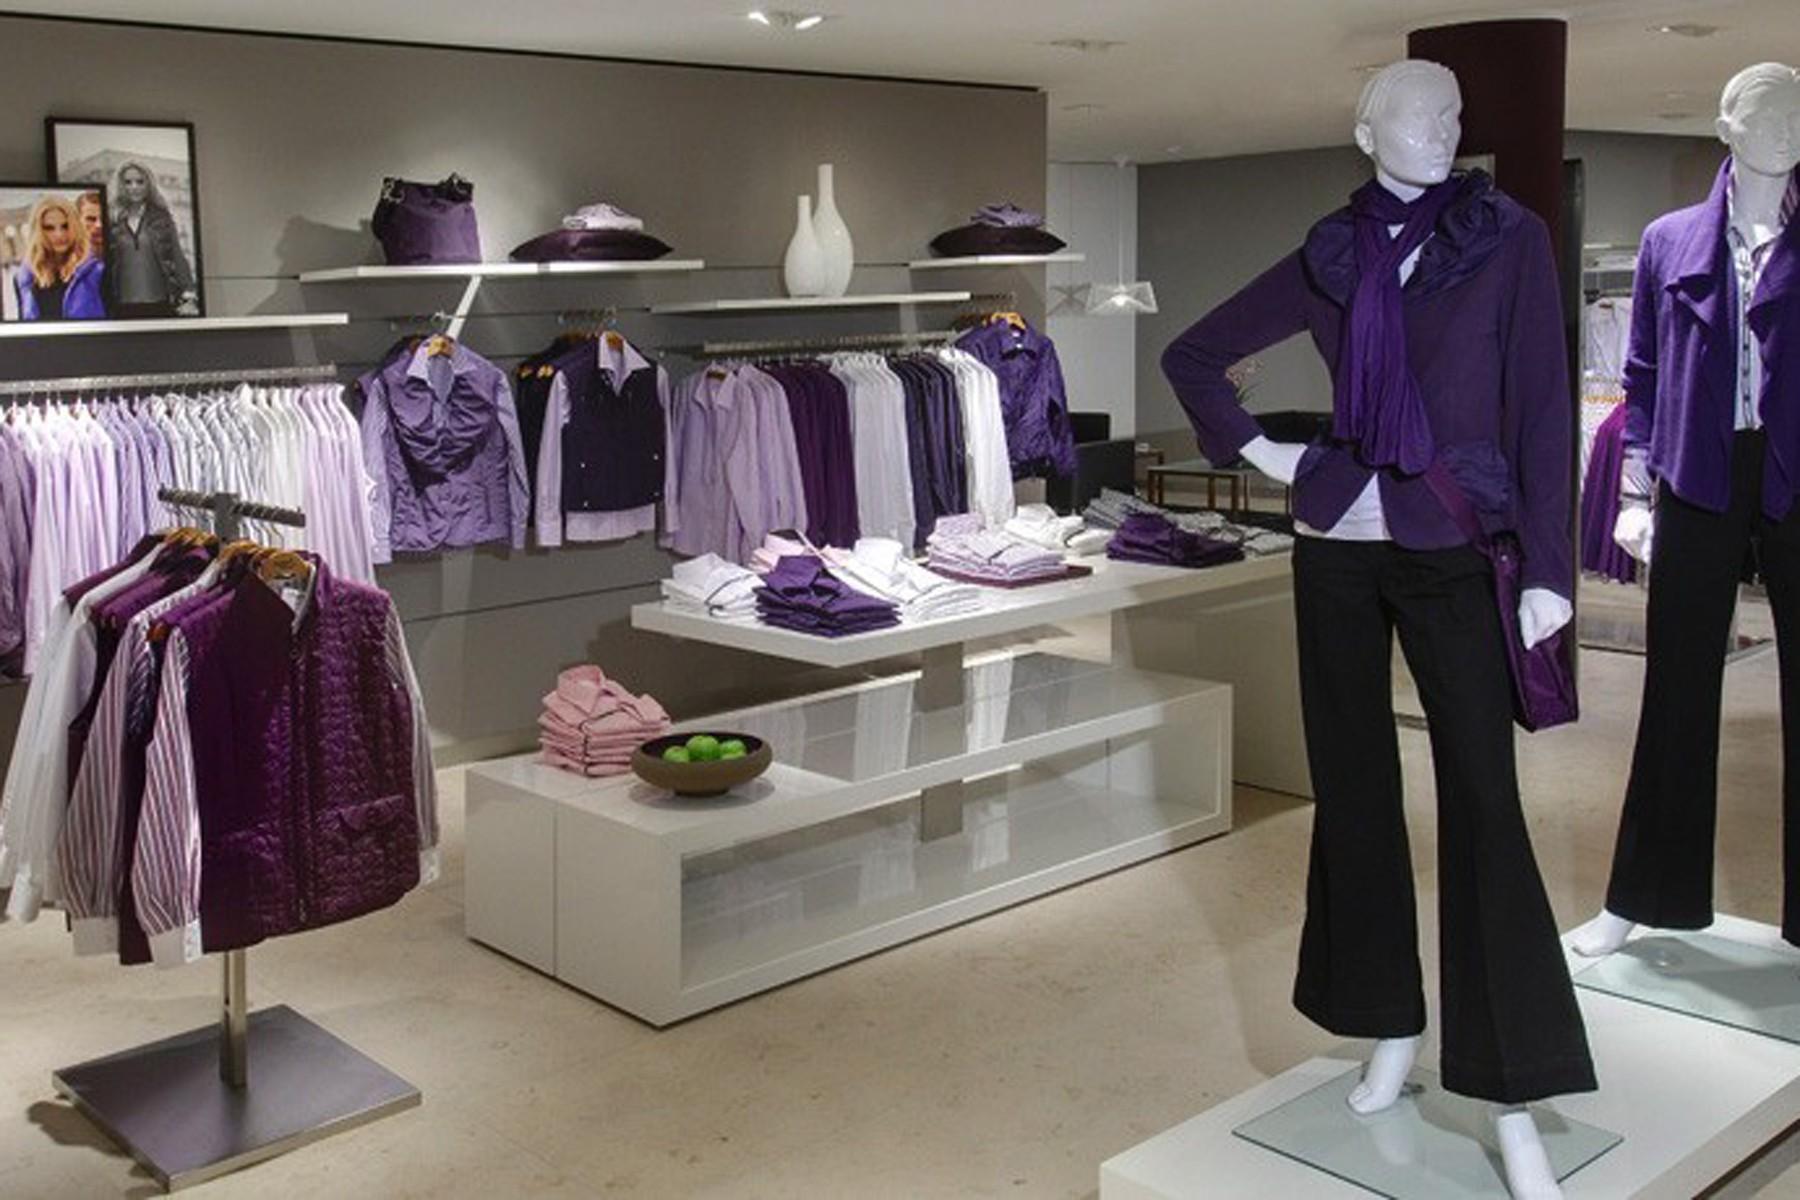 bc03ecd11b20 Идея для малого и среднего бизнеса  торговля одеждой из Италии - Моя ...